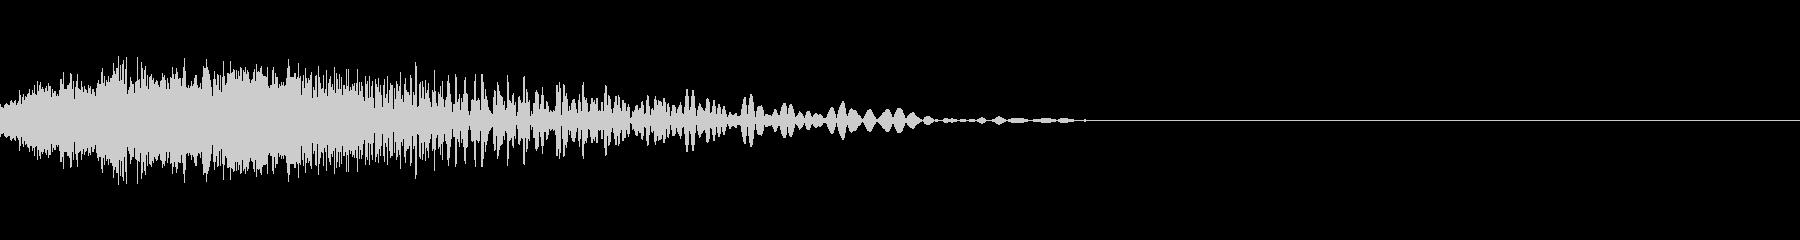 SF/モニター/起動/ロボット/宇宙の未再生の波形